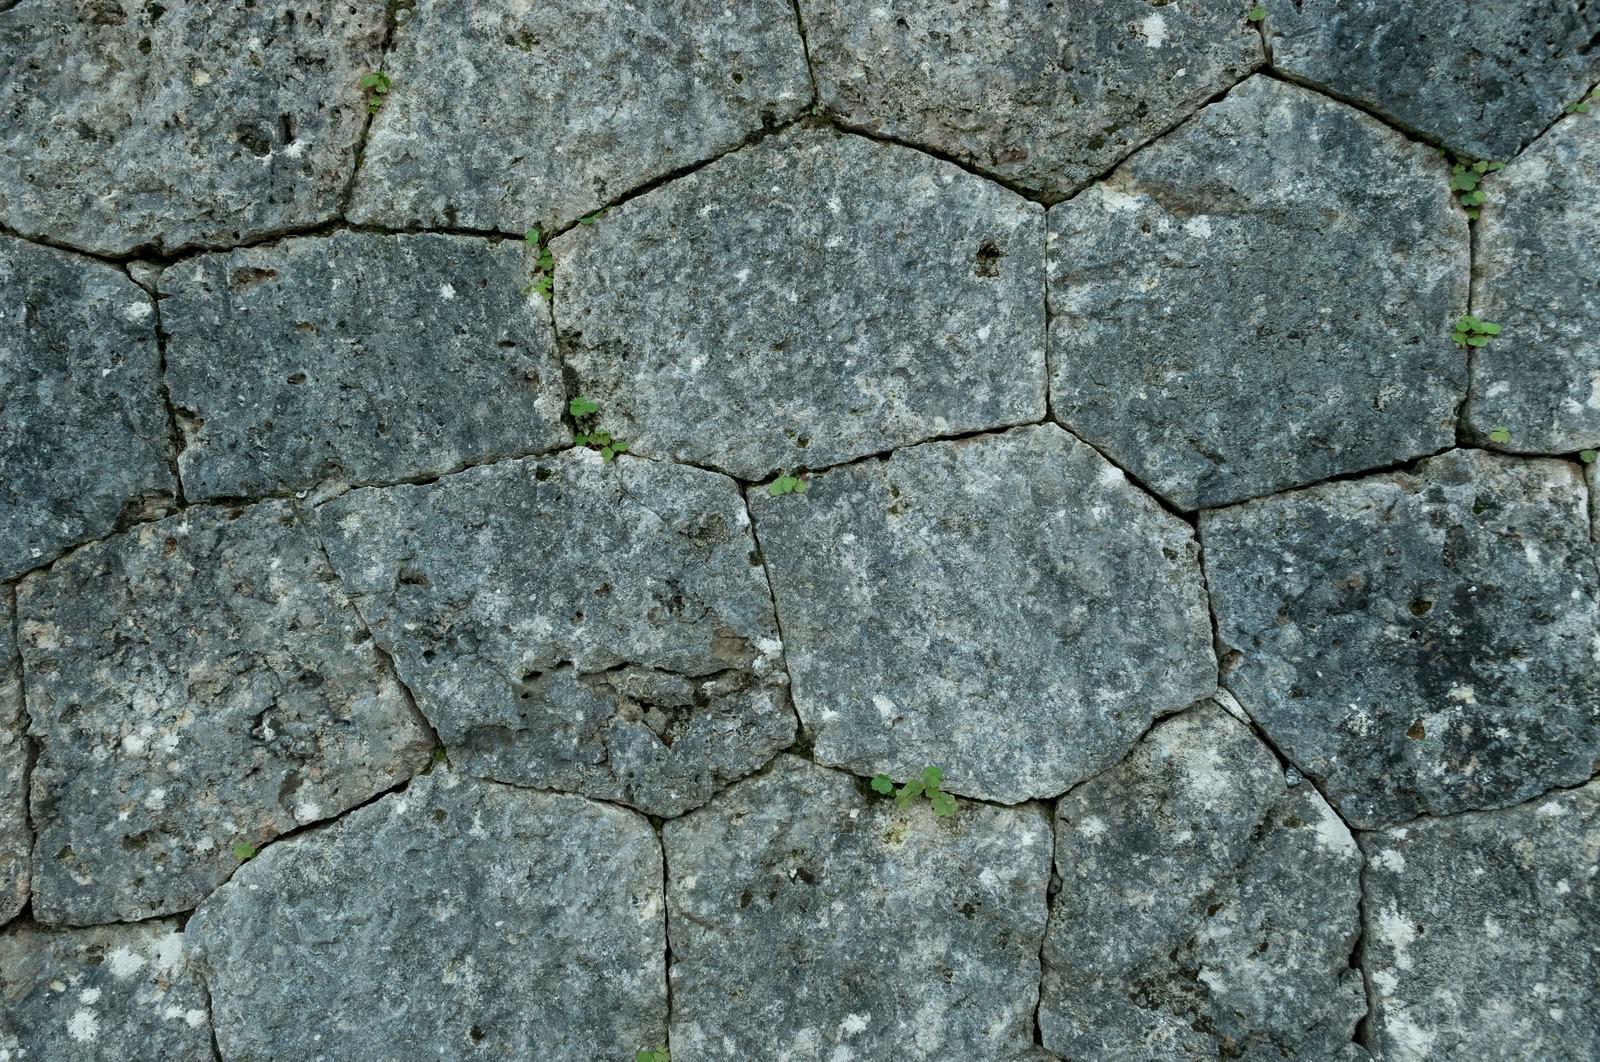 「石垣のテクスチャー」の写真